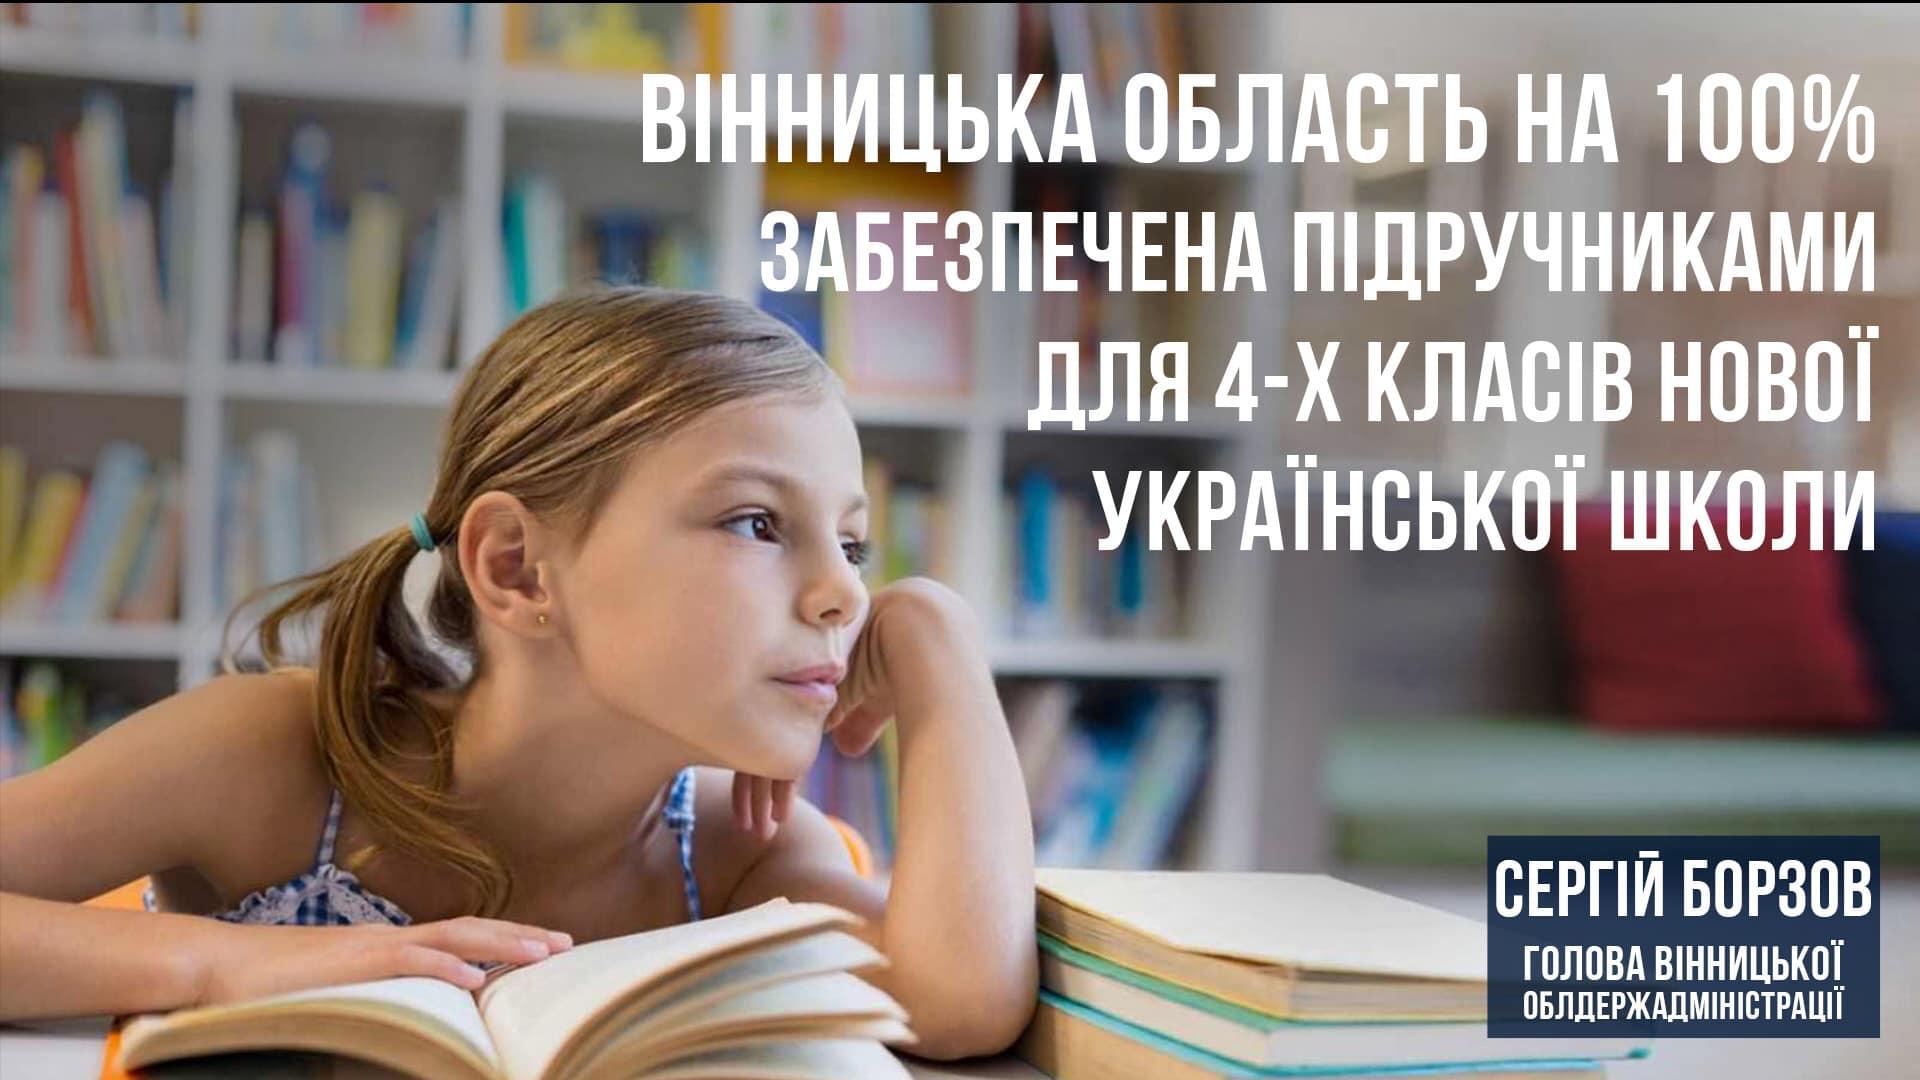 Сергій Борзов: Вінниччина на 100% забезпечена підручниками для 4-х класів Нової української школи